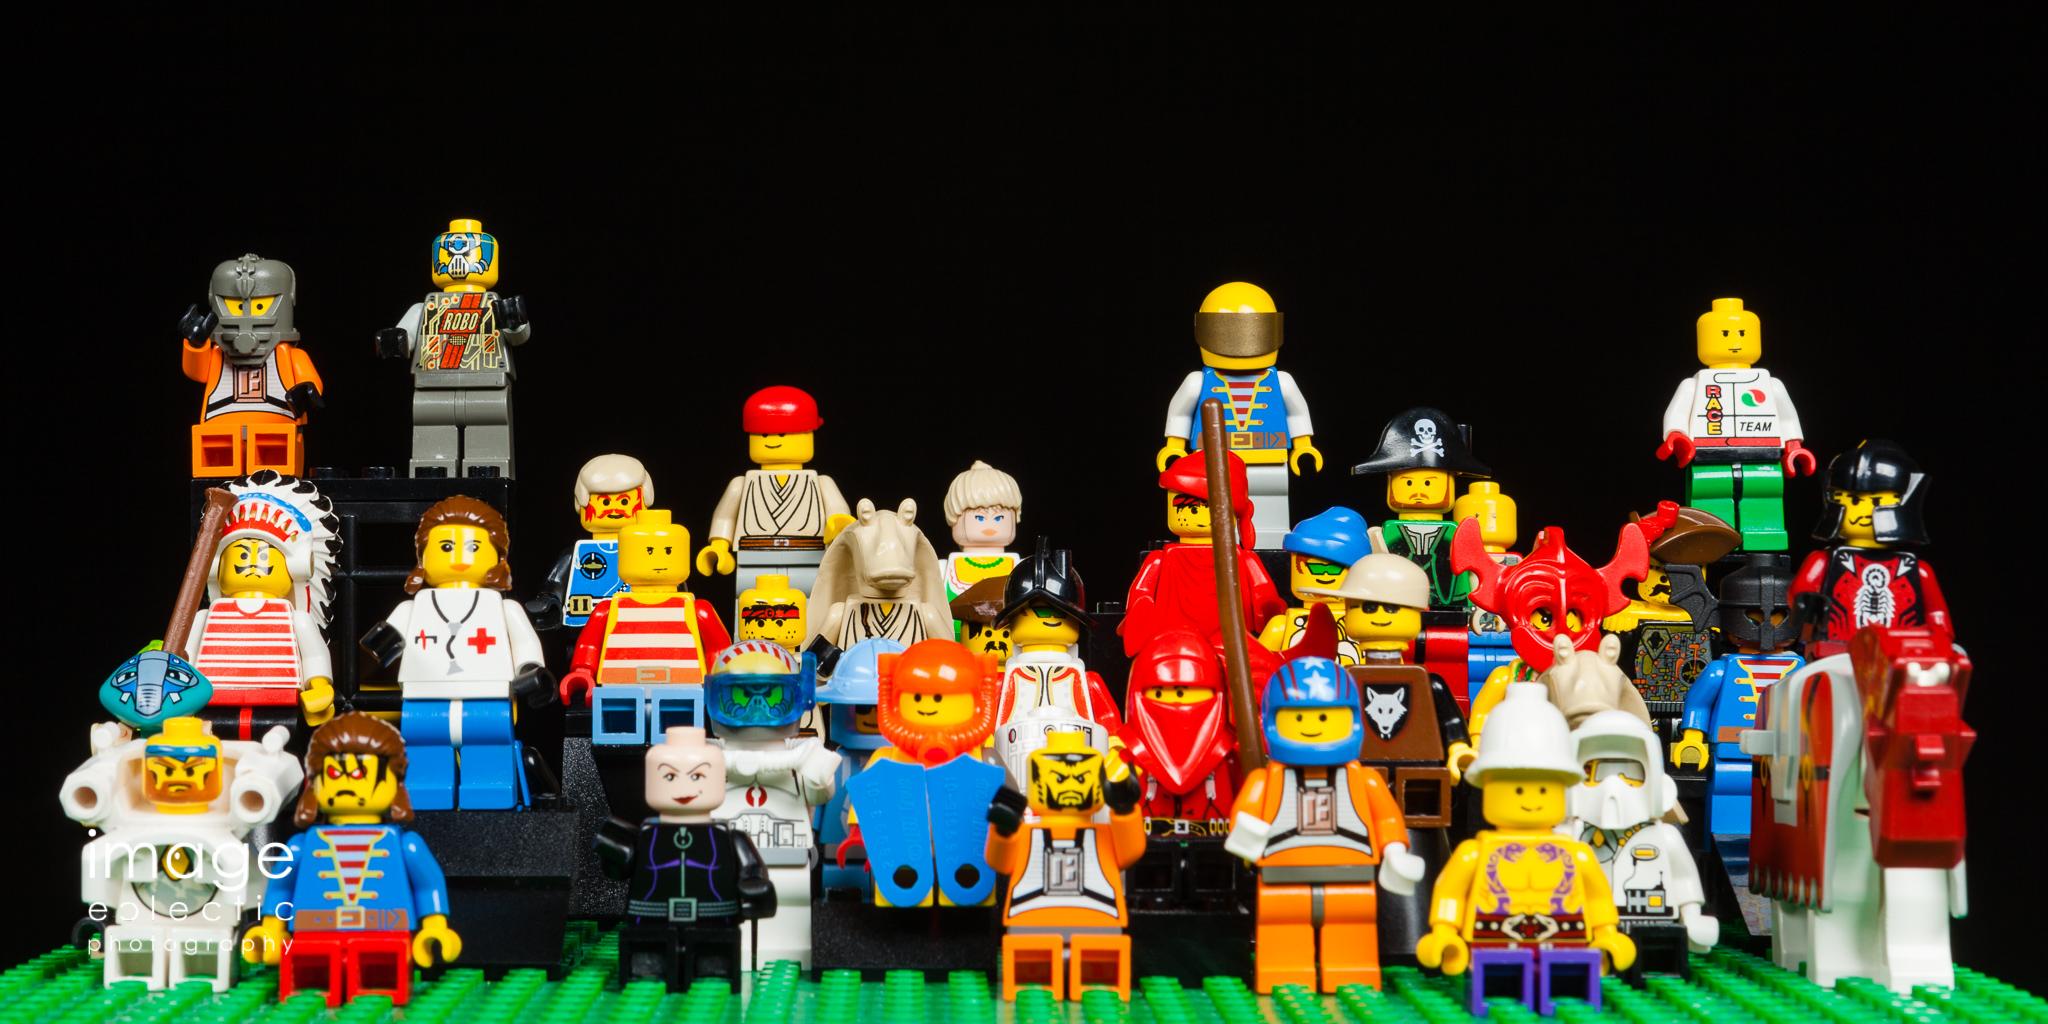 Lego Crowd